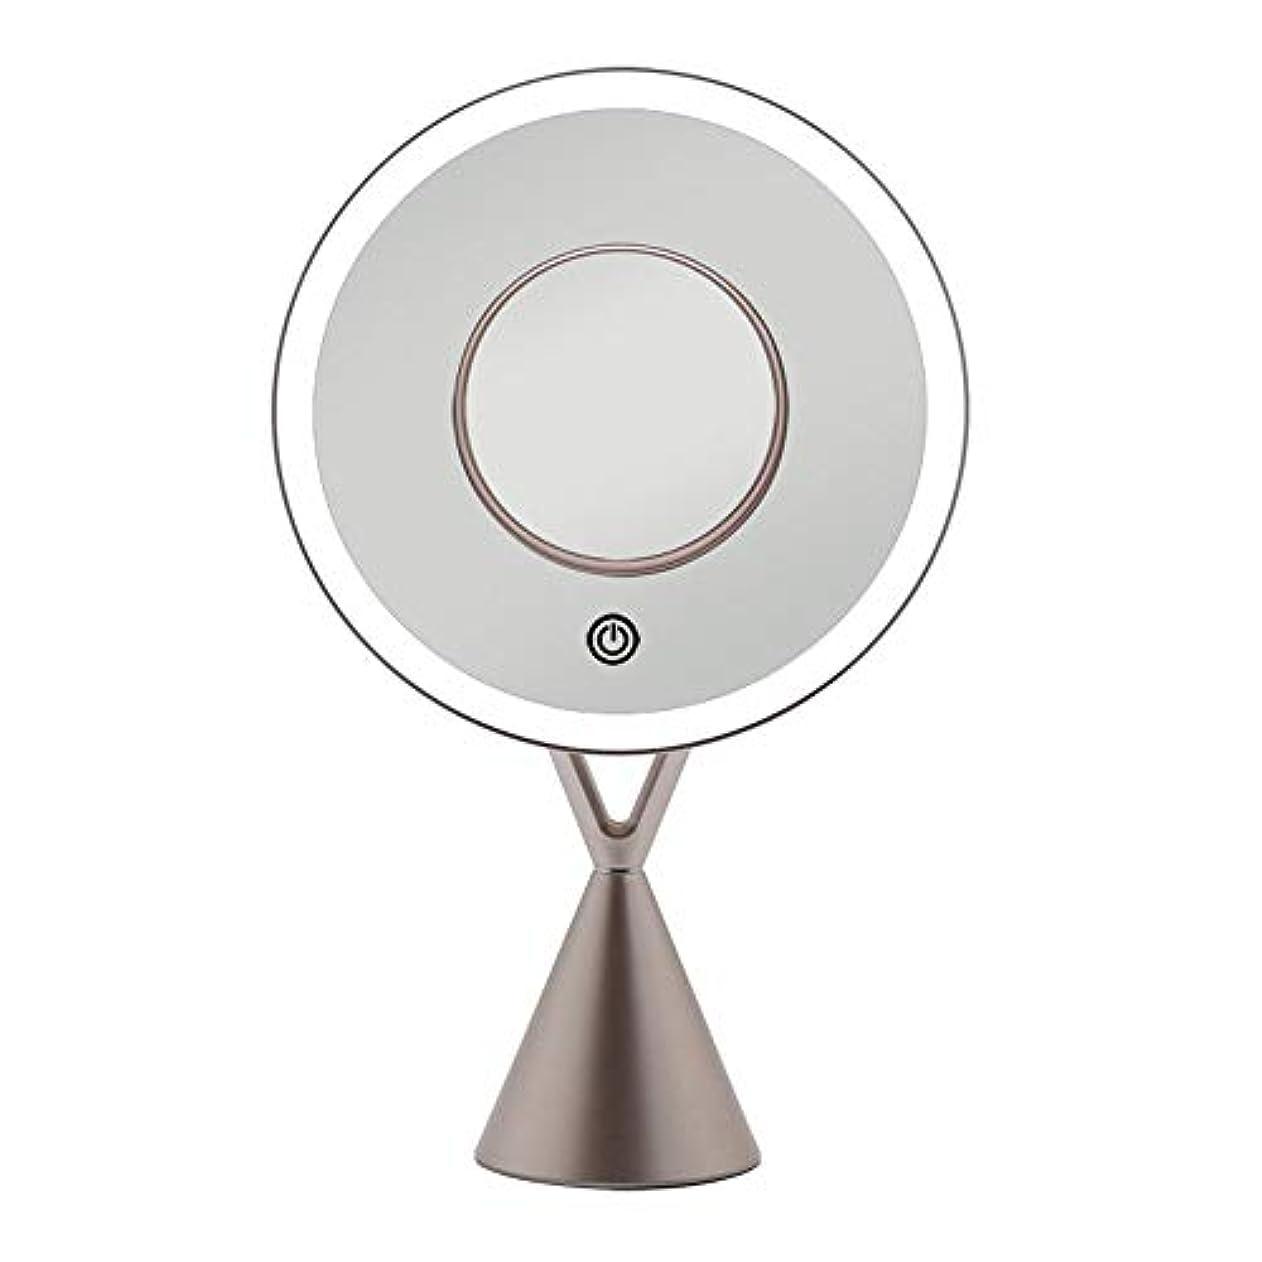 むちゃくちゃコンピューターを使用するおそらく流行の LEDフィルライトデスクトップミラー5倍磁気吸引拡大鏡45度自由調整ローズゴールドギフト